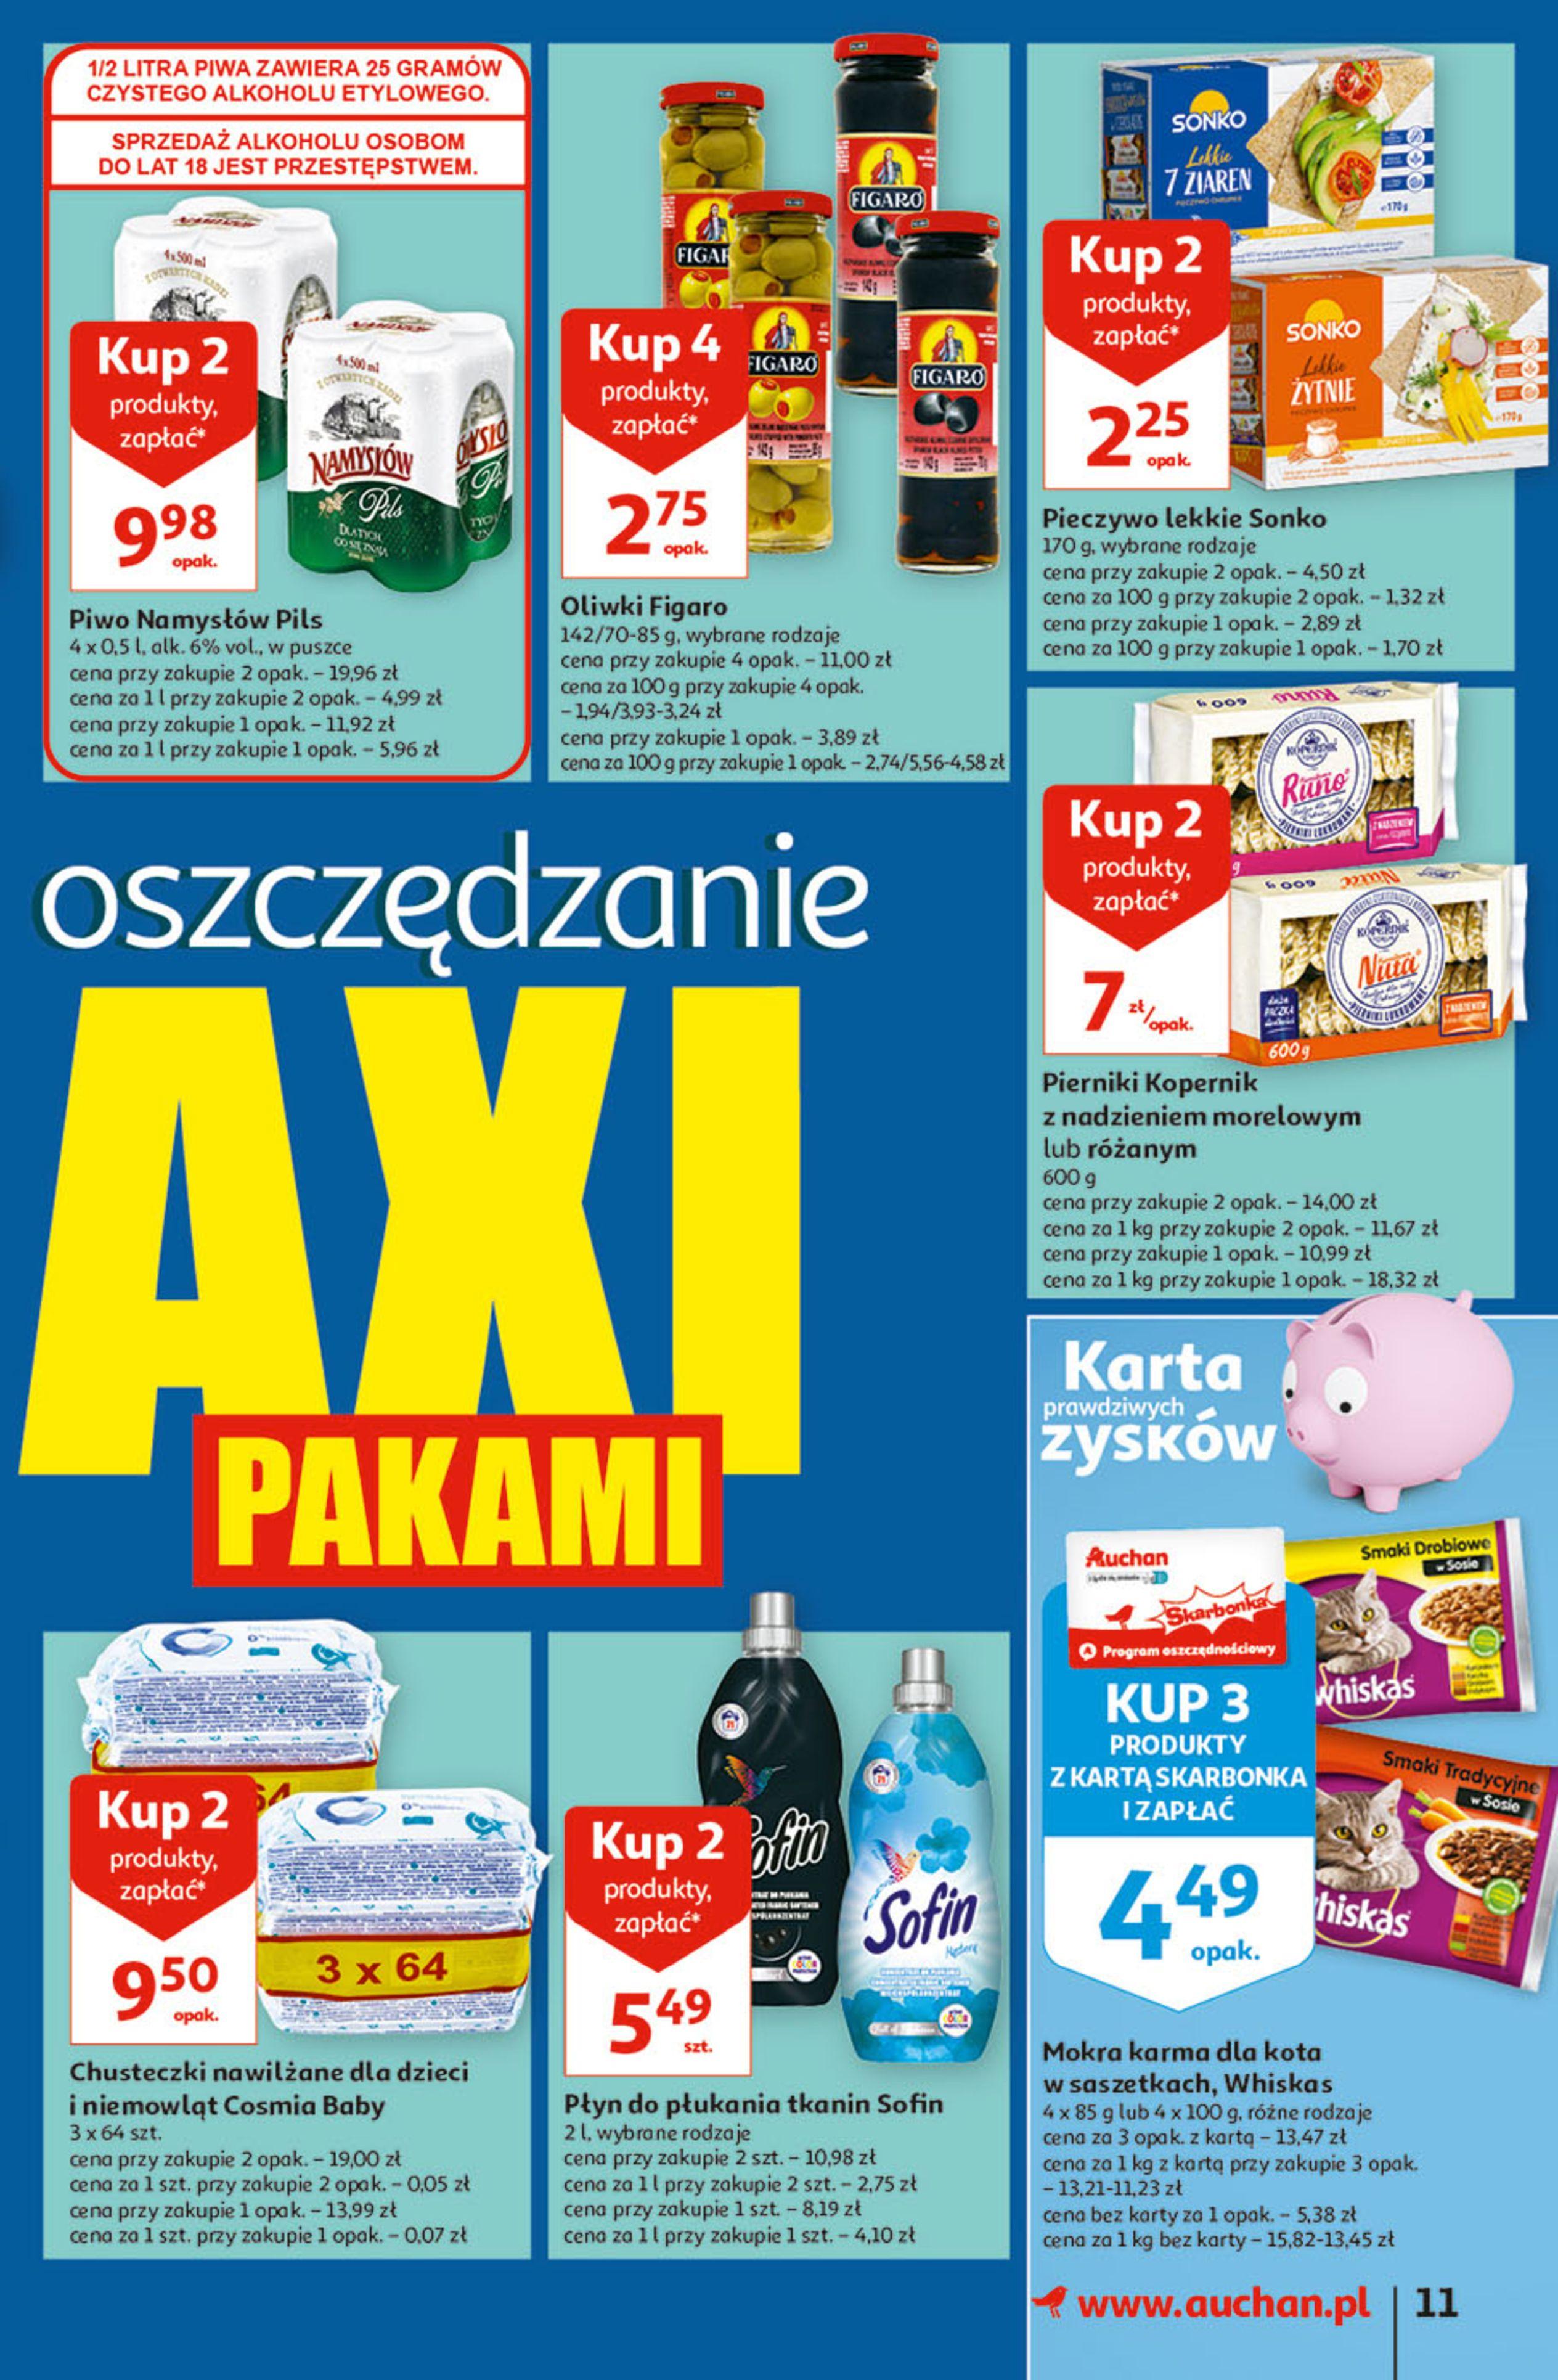 Gazetka Auchan: Gazetka Auchan - Hiperoszczędzanie w wersji Maxi Paki Hipermarkety 2021-09-16 page-11